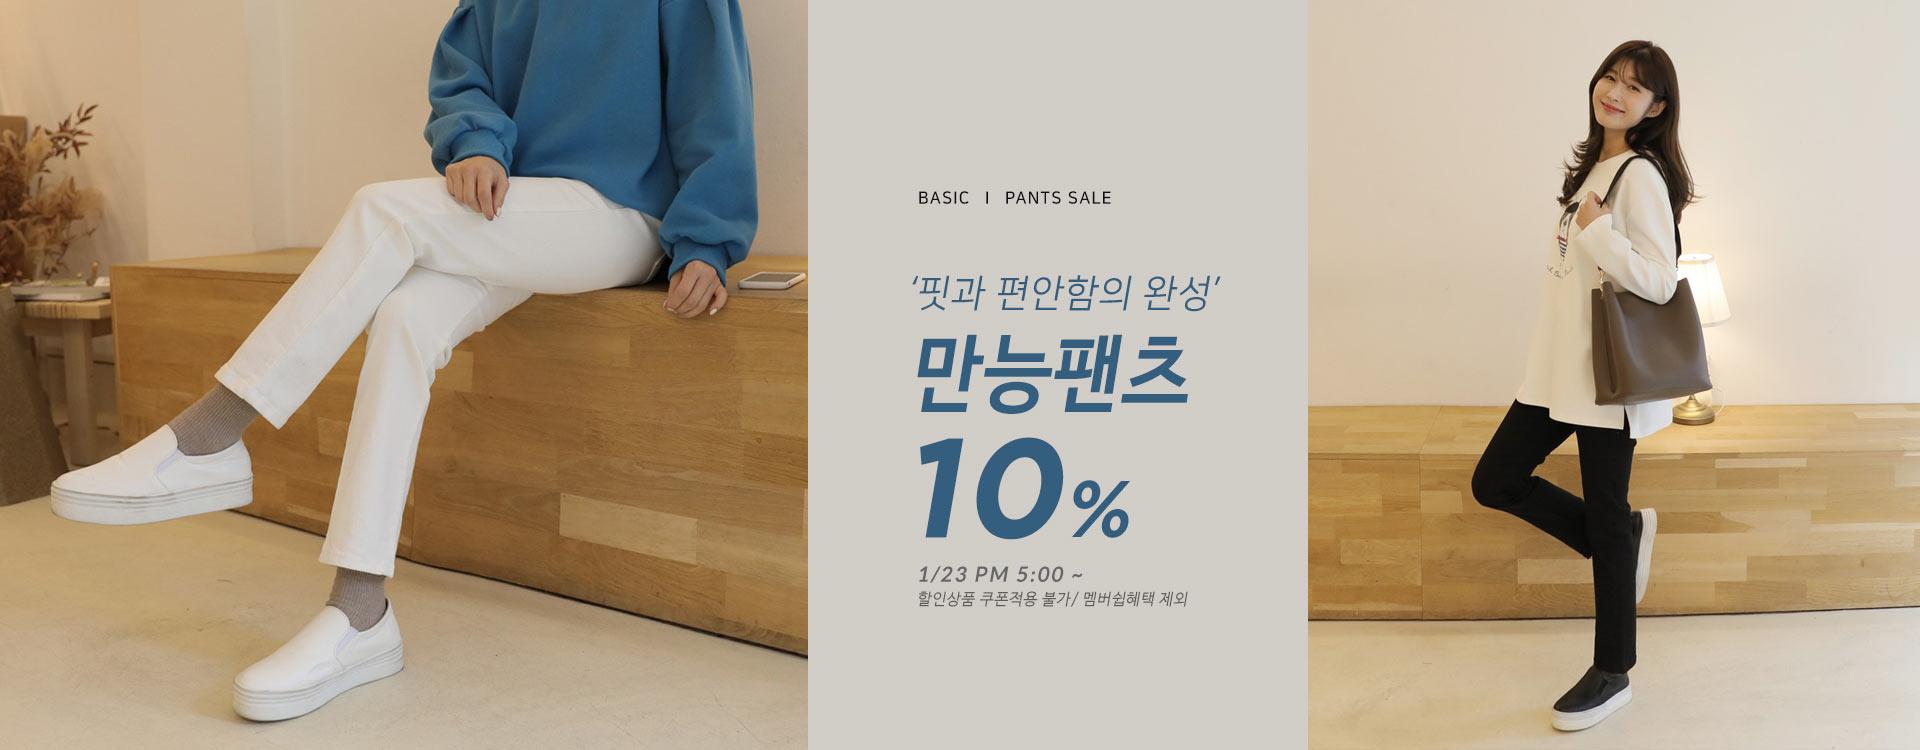 팬츠 10%